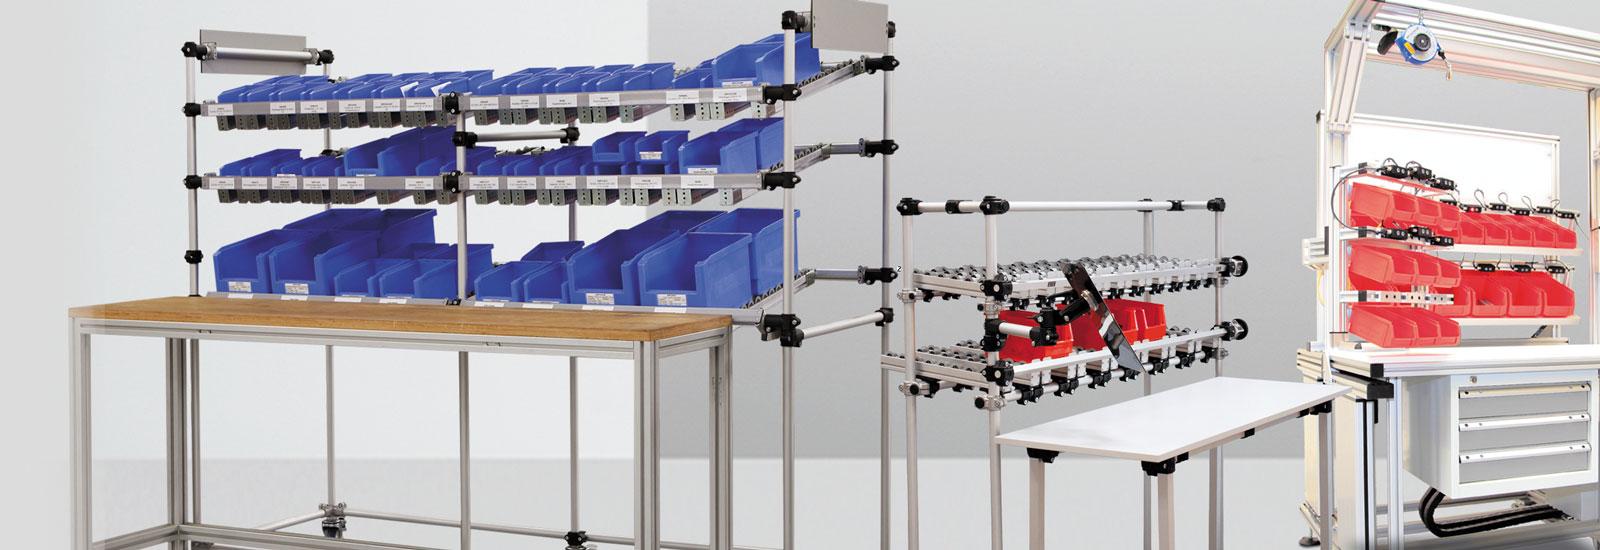 Material-/Transportwagen und Kanban-Systeme für die Materialversorgung und die Intralogistik